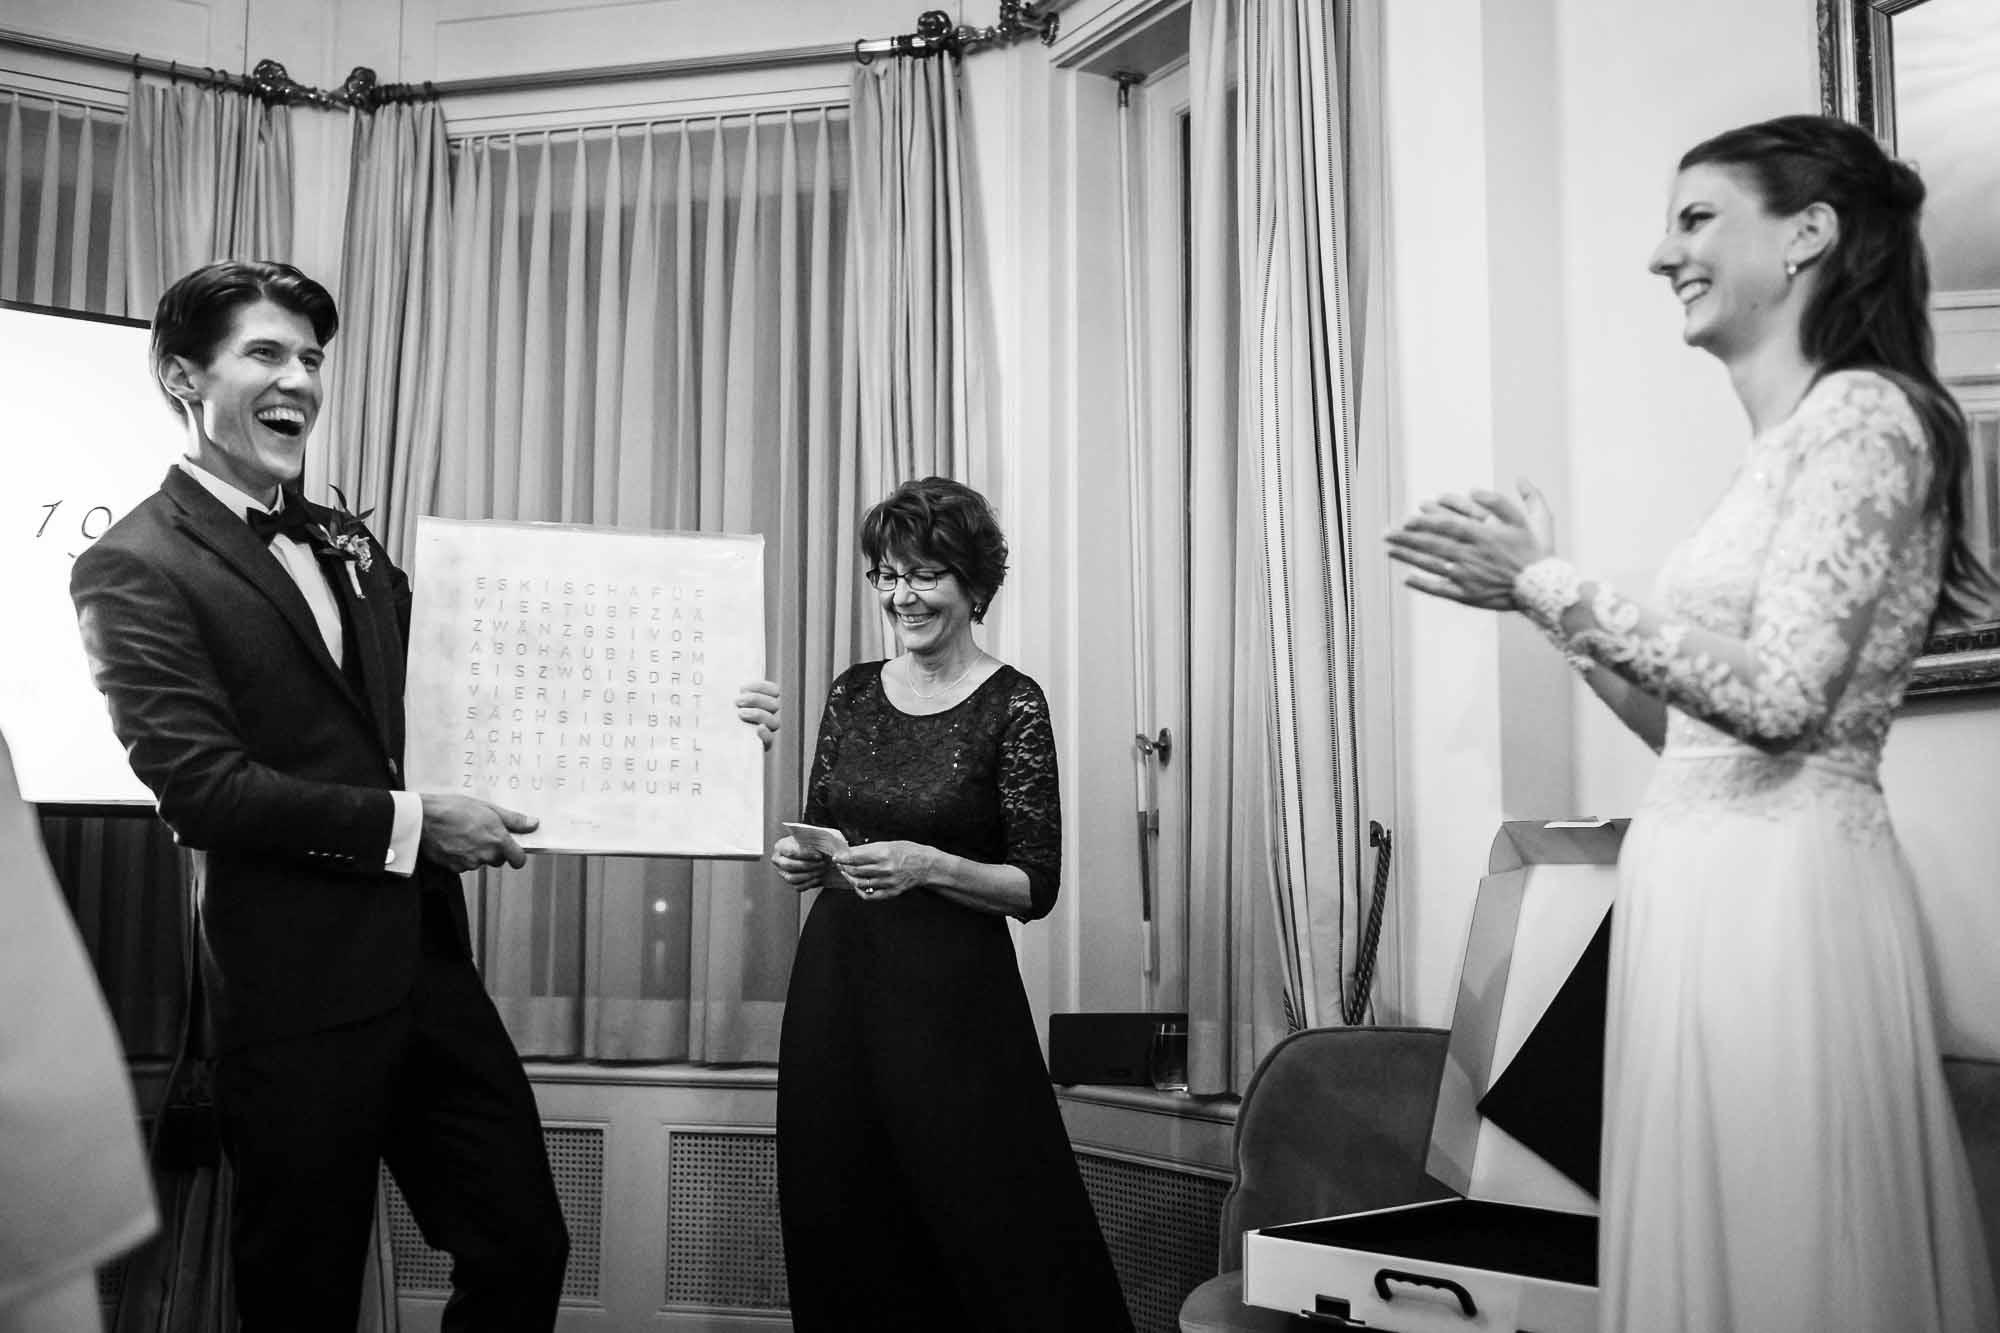 Hochzeitsfotos in Luzern, Bräutigam erhält Berndeutsche Buchstabenuhr